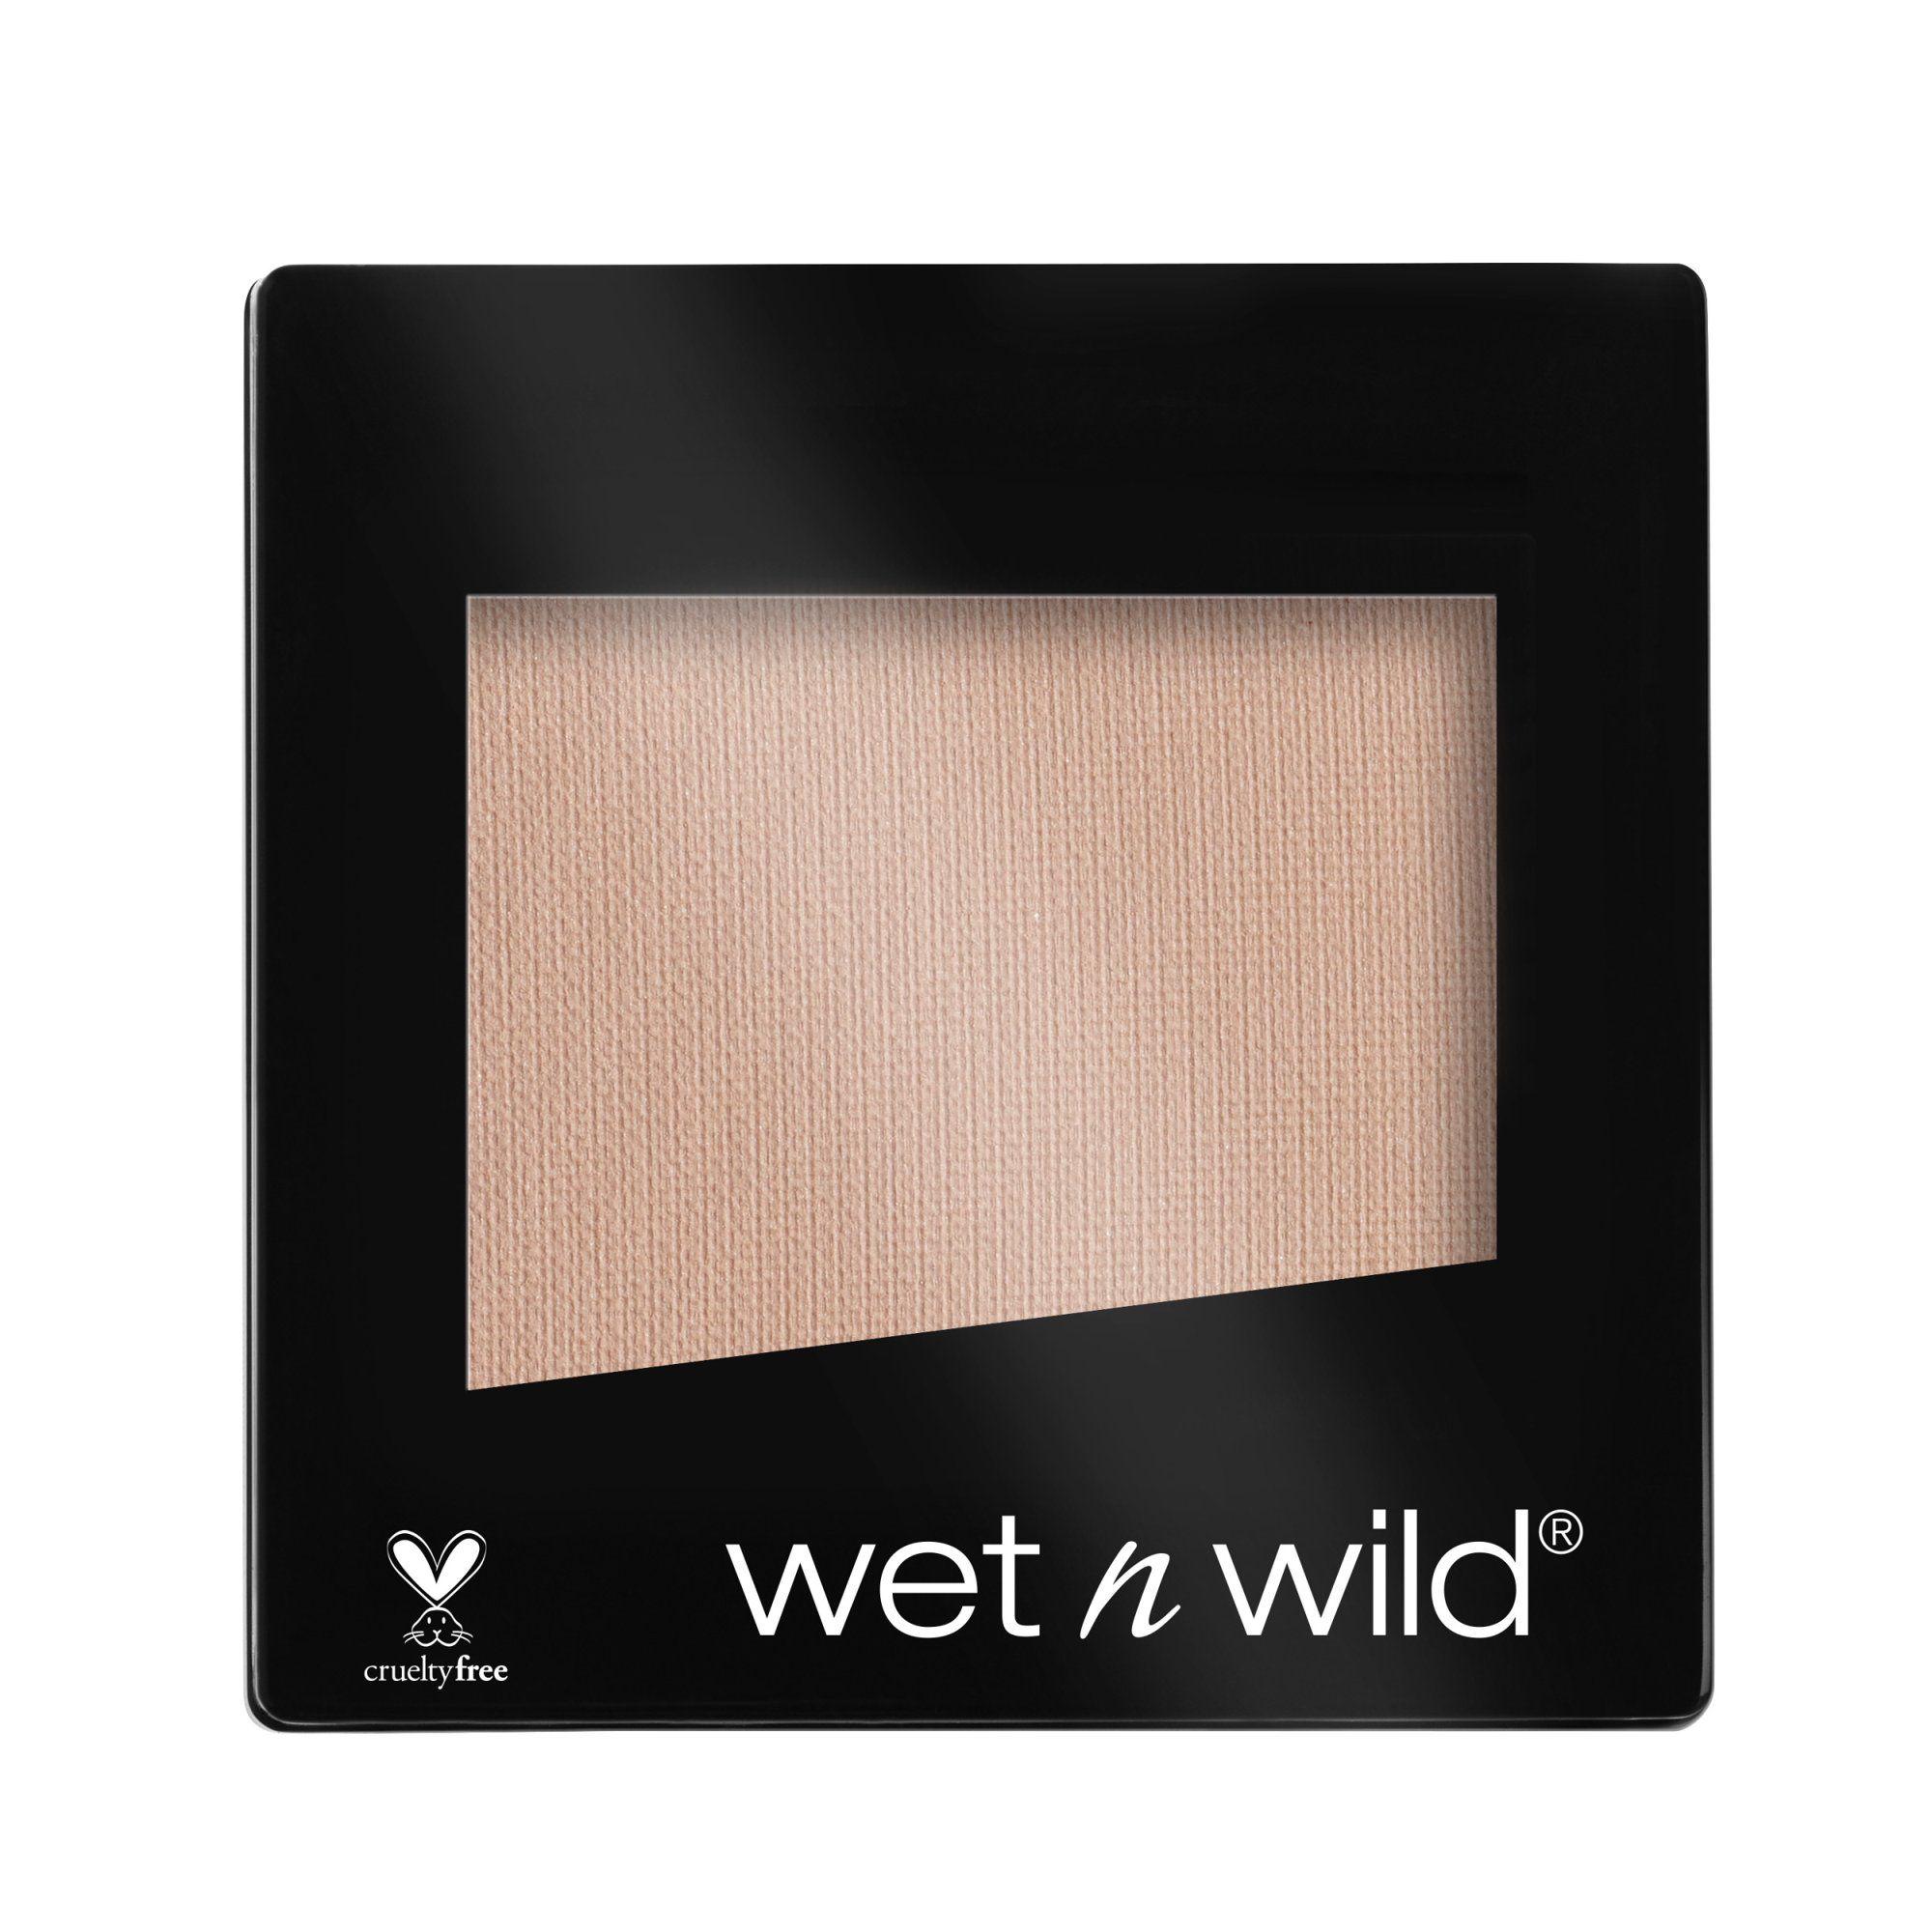 Wet N Wild Color Icon Eyeshadow Single Brulee Walmart Com Wet N Wild Wet N Wild Eyeshadow Wet N Wild Makeup